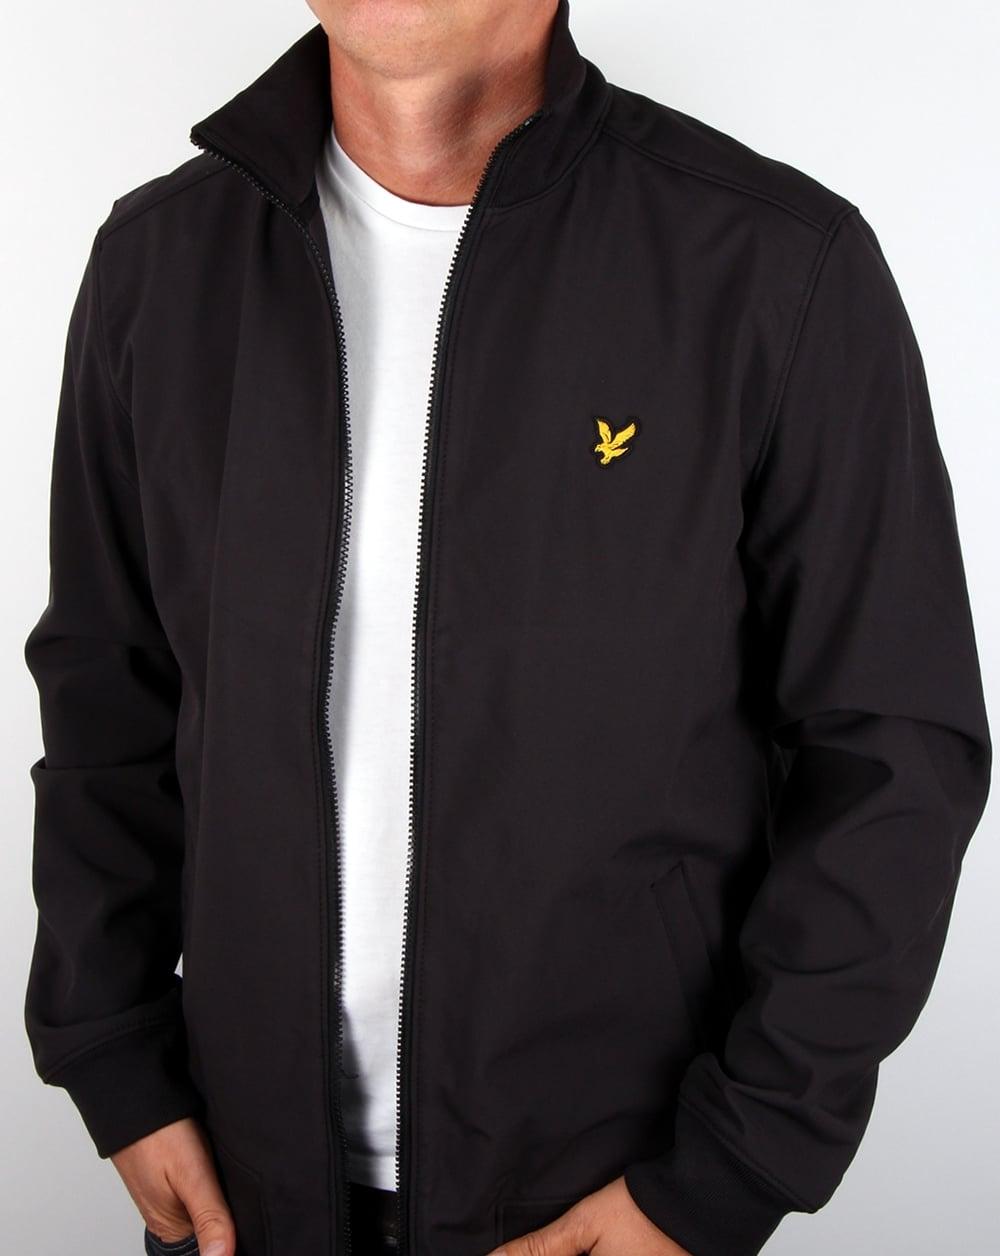 lyle and scott soft shell jacket true black men 39 s coat. Black Bedroom Furniture Sets. Home Design Ideas